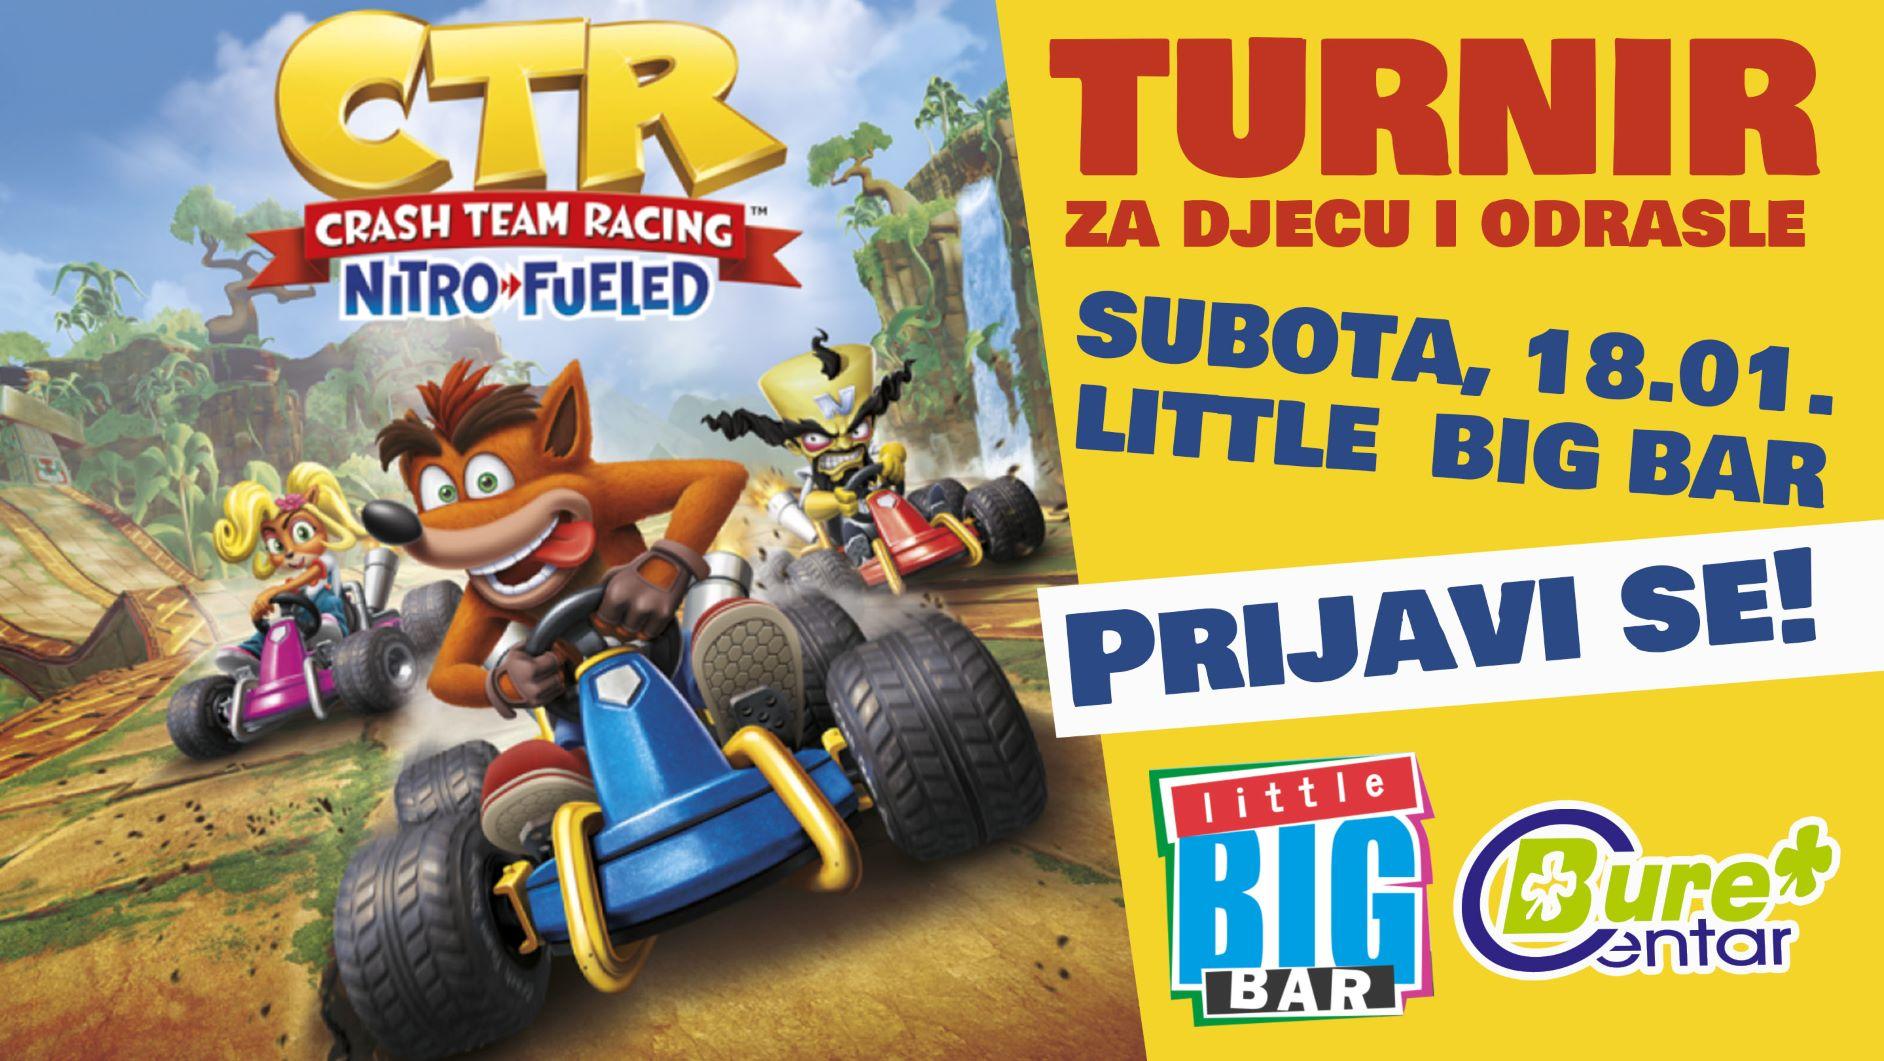 Crash Team Racing turnir u little BIG baru